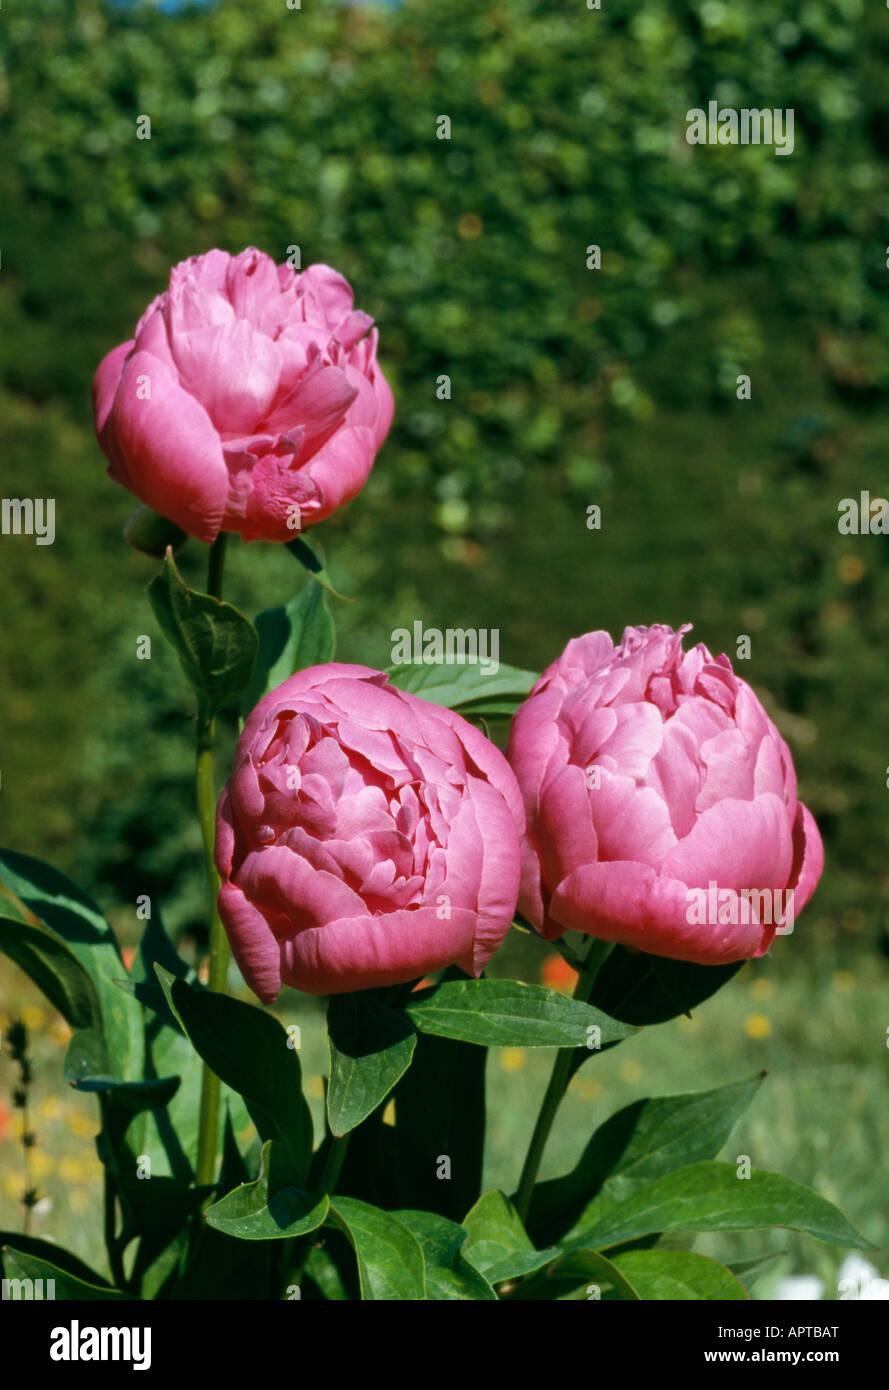 Paeonia rosa eine Reihe von drei ziemlich floral Knospen Stockbild